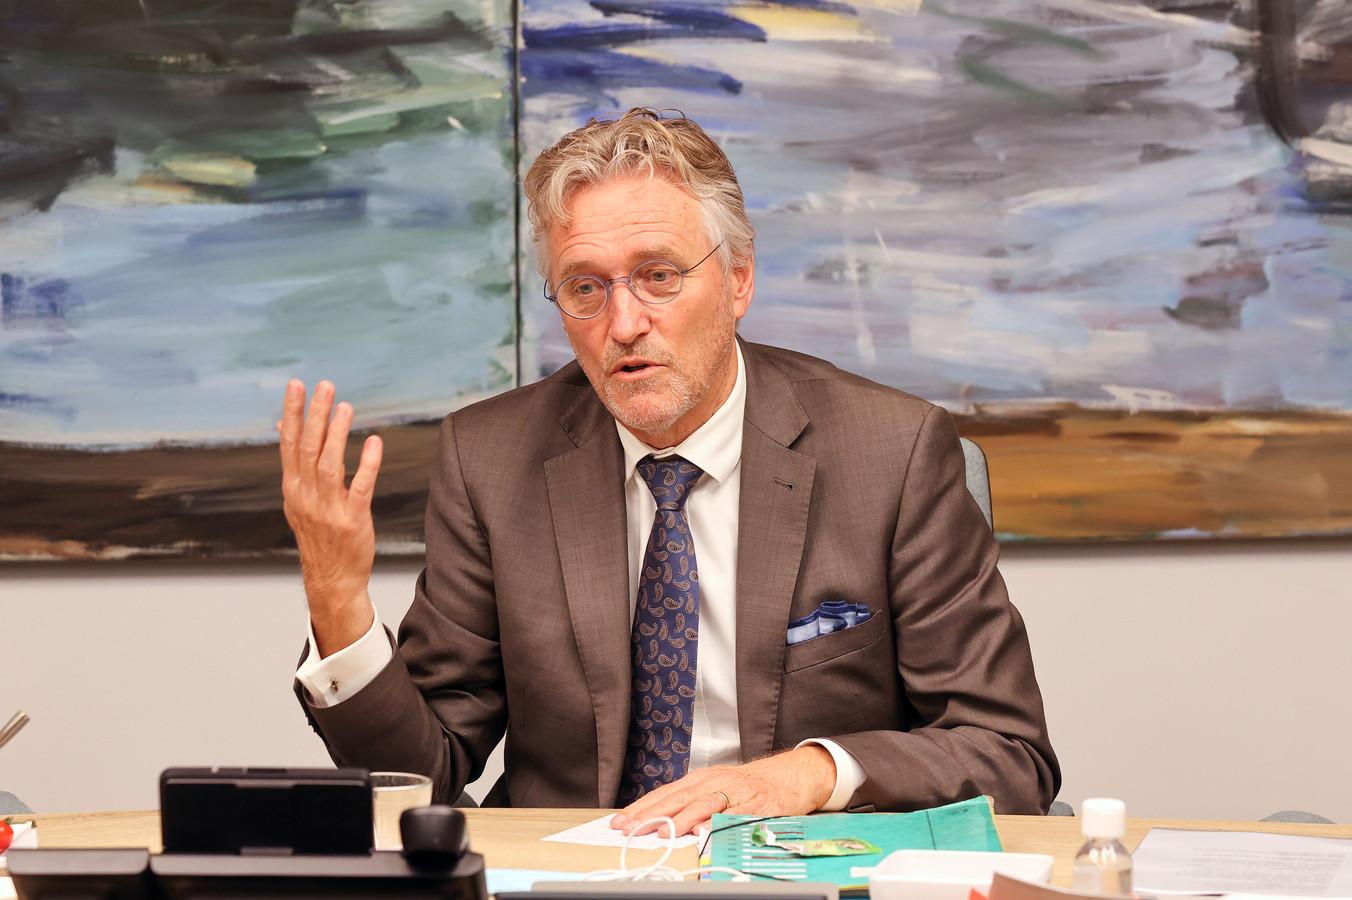 Burgemeester Jorritsma van Eindhoven gaat voortaan alleen nog in noodgevallen over de busbaan.